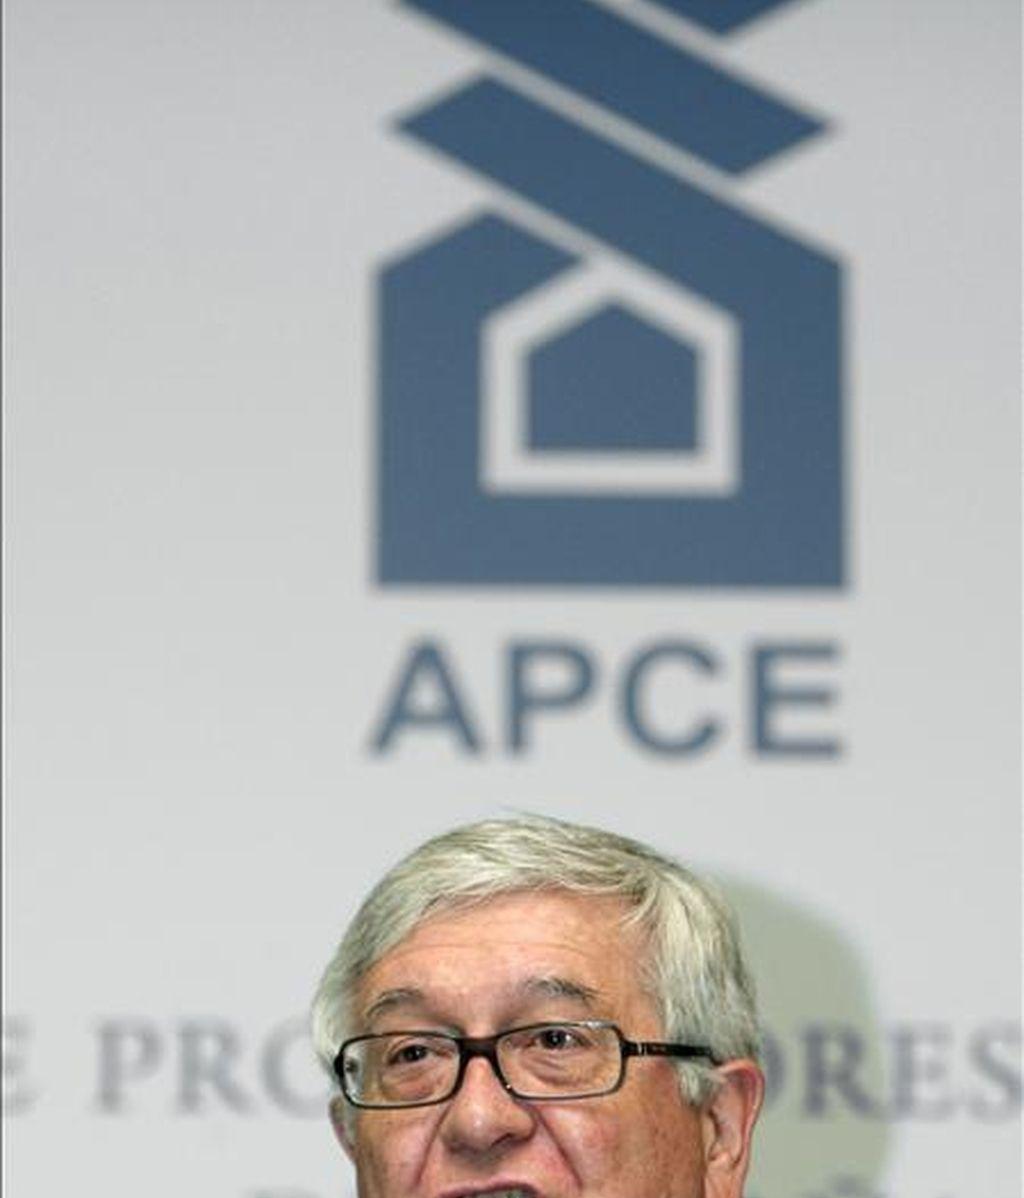 El presidente de la Asociación de Promotores Constructores de España (APCE), José Manuel Galindo. EFE/Archivo